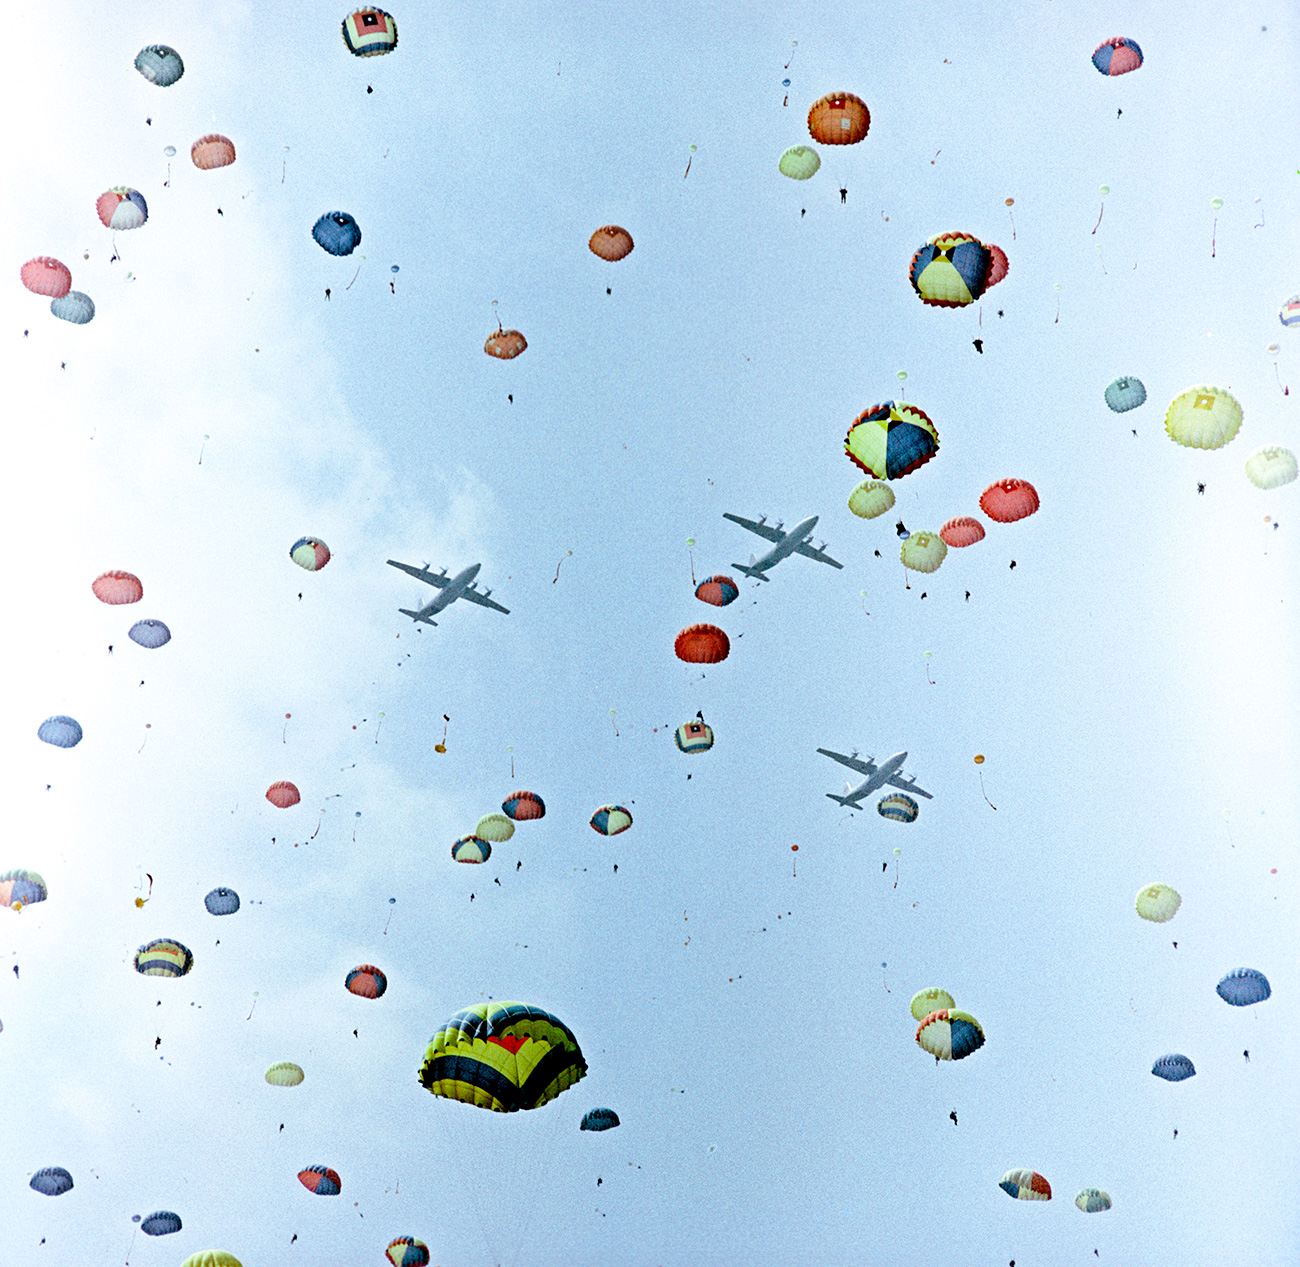 Terjun payung dari An-12 selama festival penerbangan pada 1967. Sumber: A. Polikashin/RIA Novosti